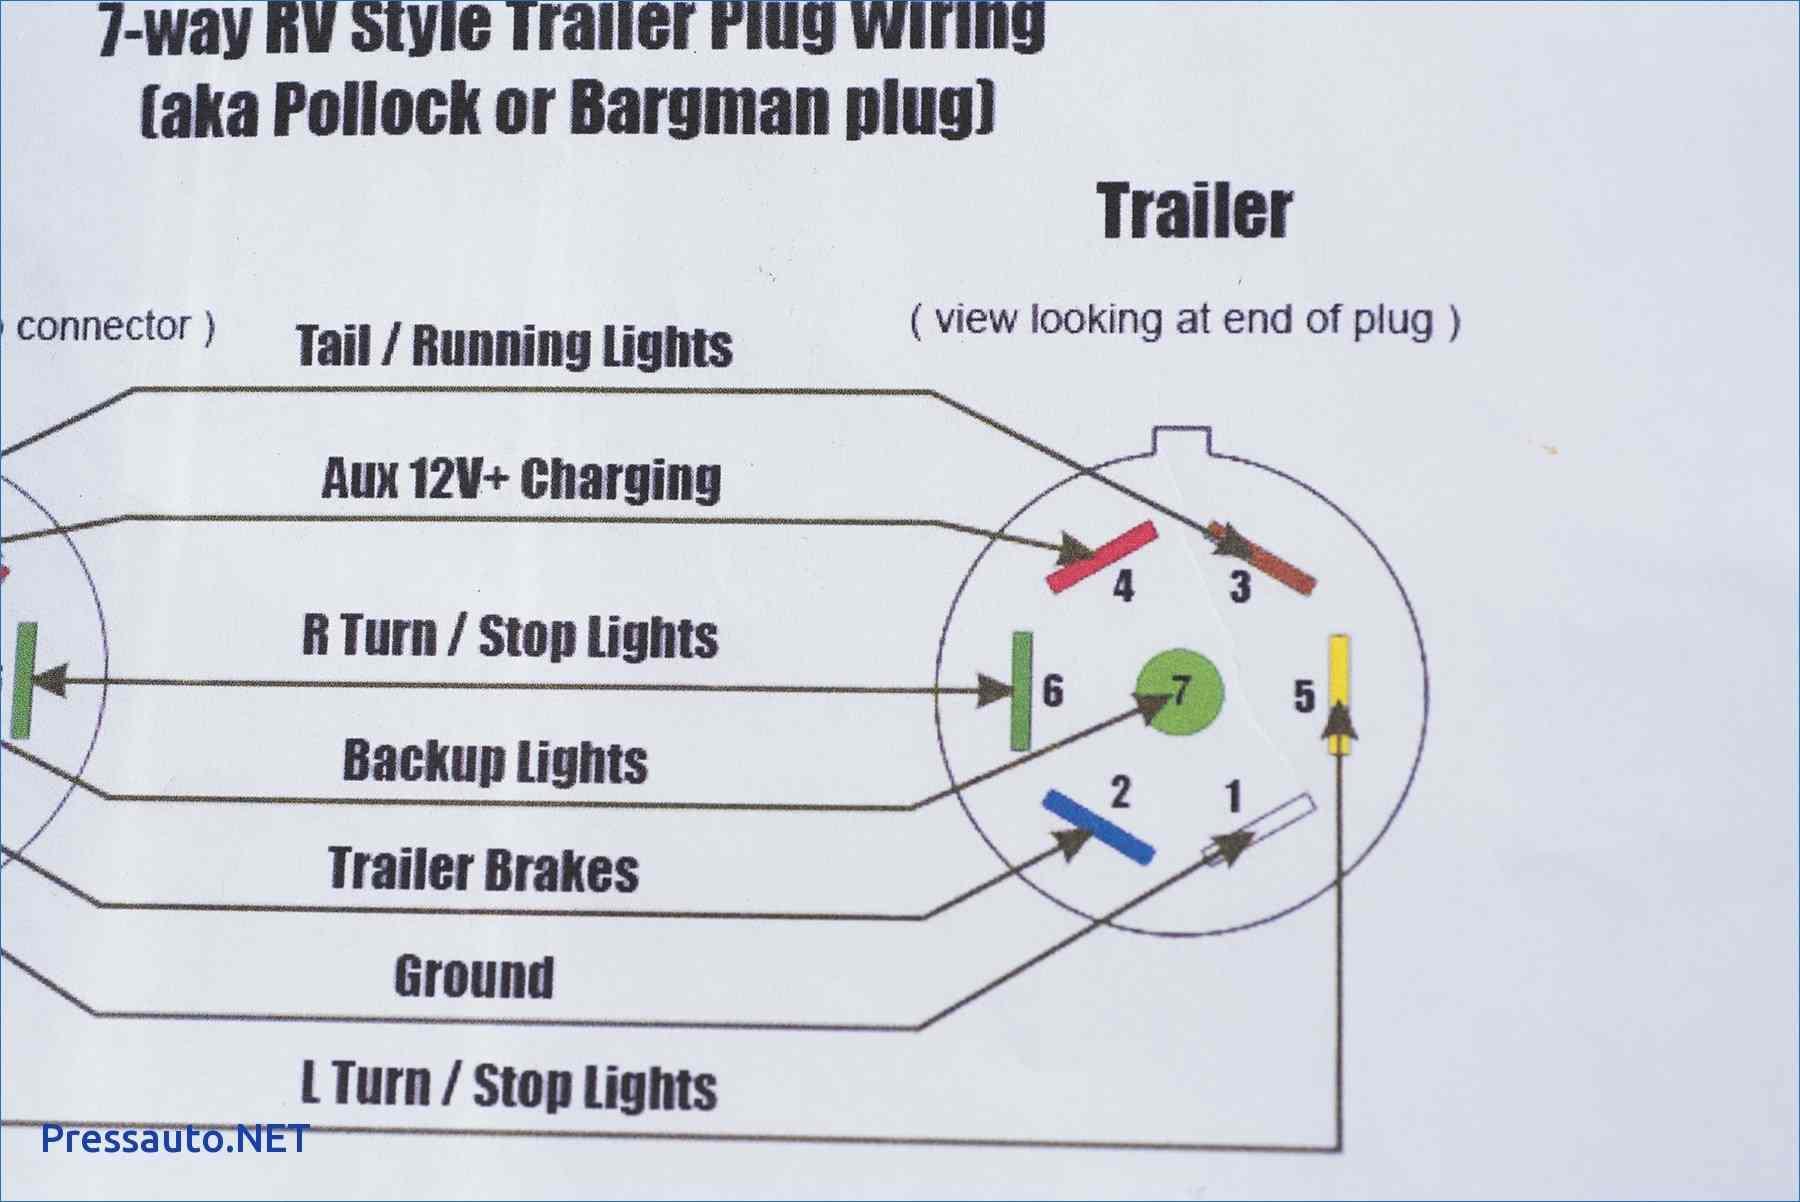 7 Way Trailer Plug Wiring Diagram Beautiful 7 Ford Trailer Wiring - 7 Way Trailer Plug Wiring Diagram Ford